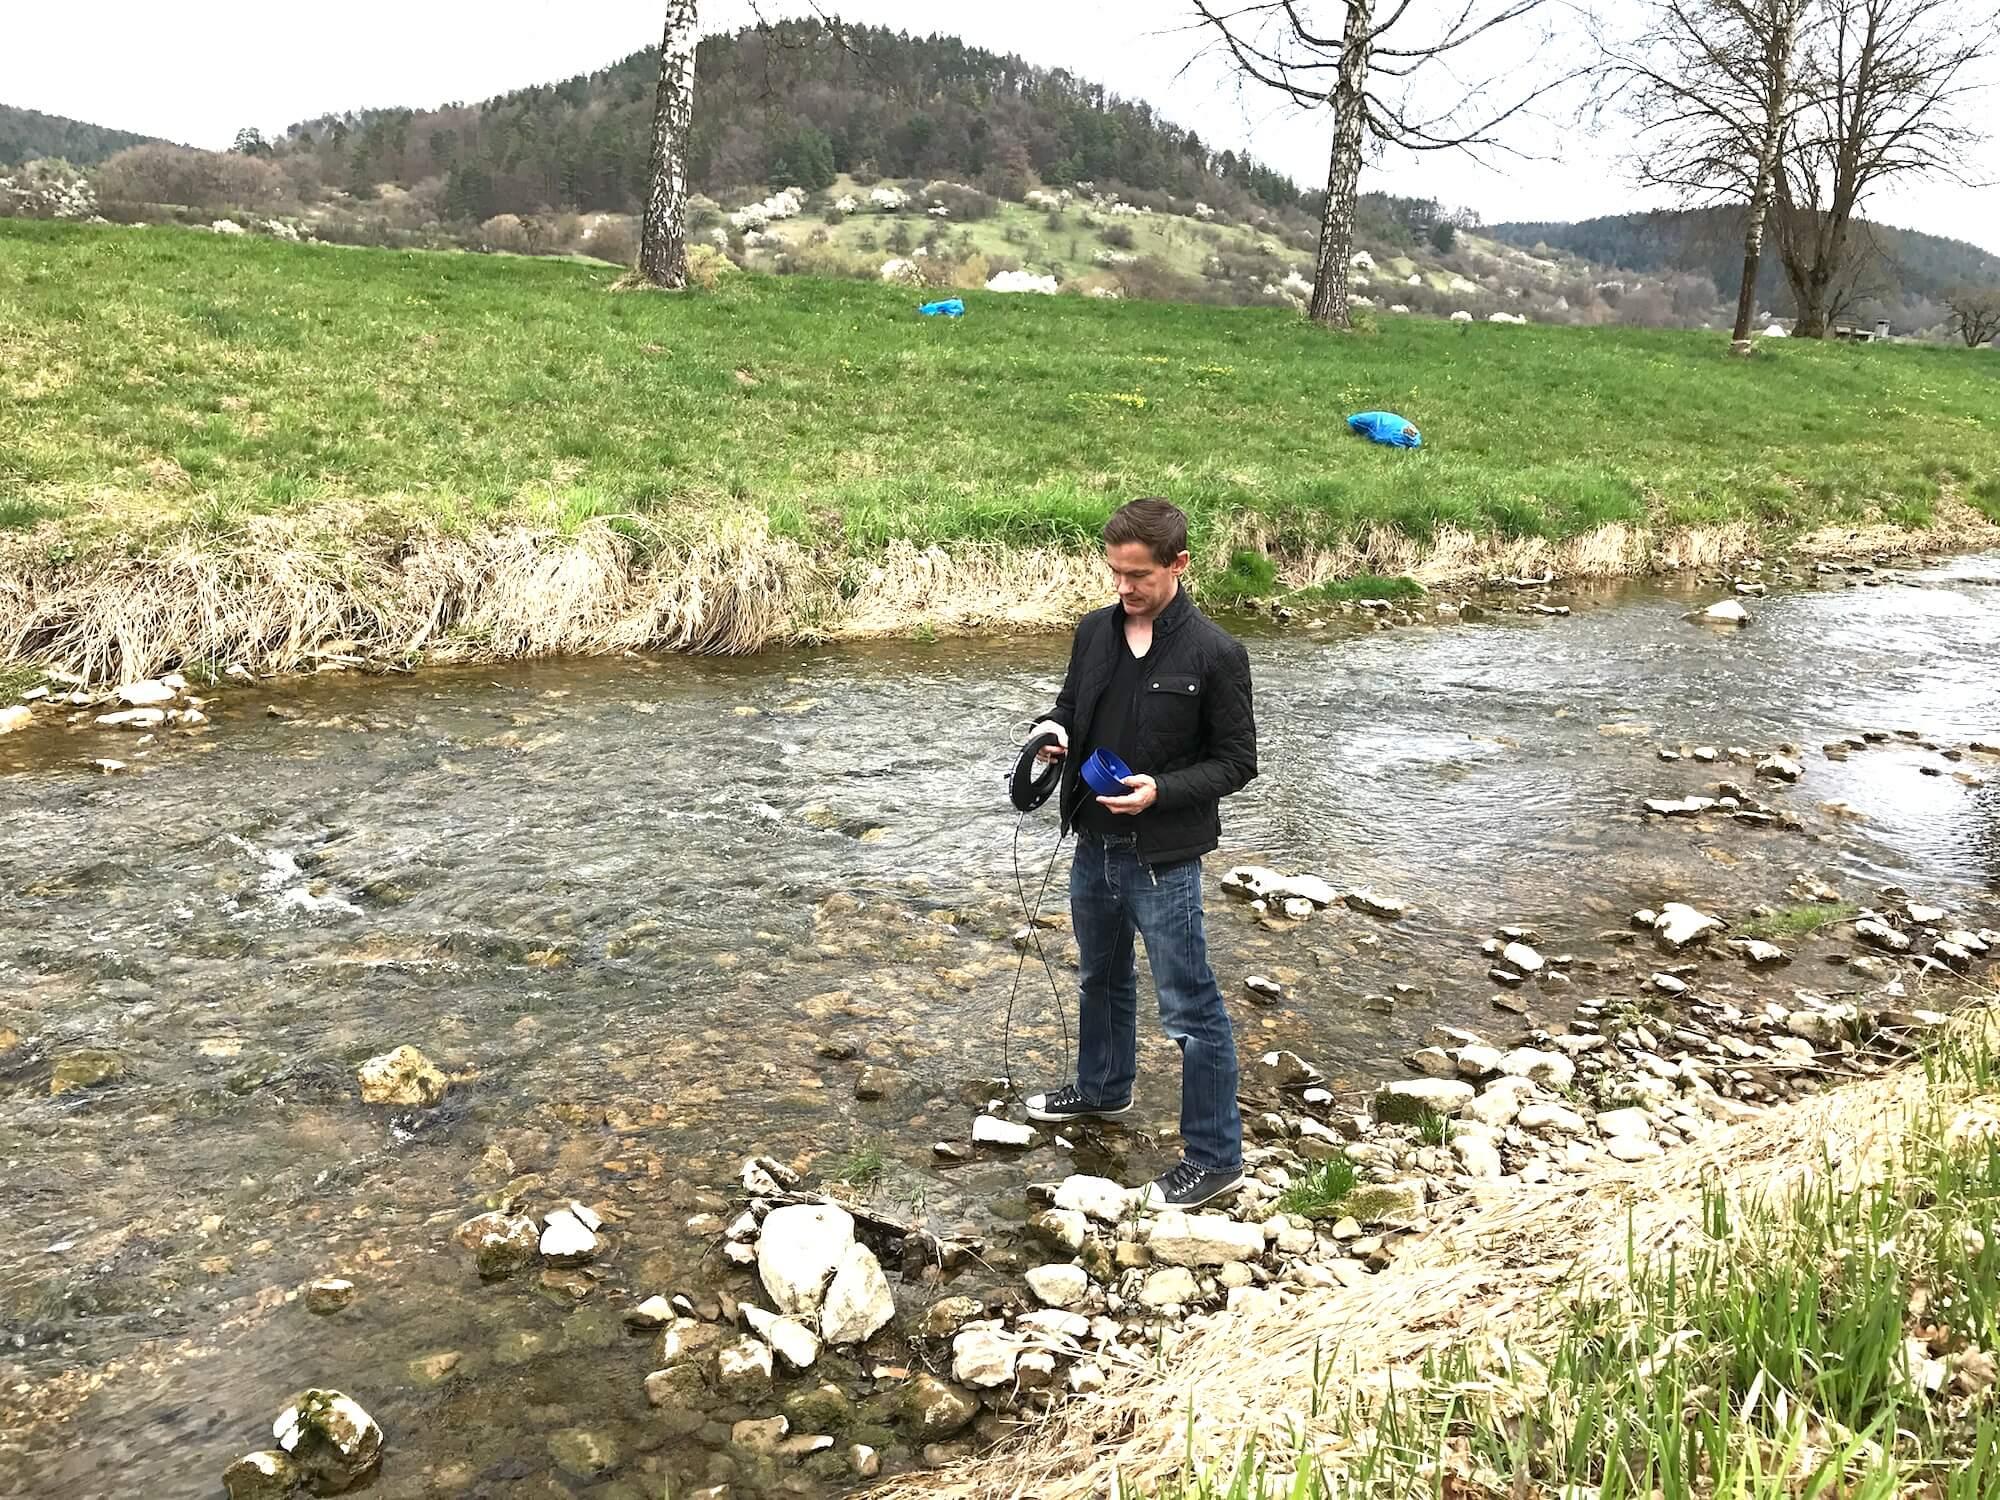 Die Suche nach einer geeigneten Stelle für das Wasserkraftwerk